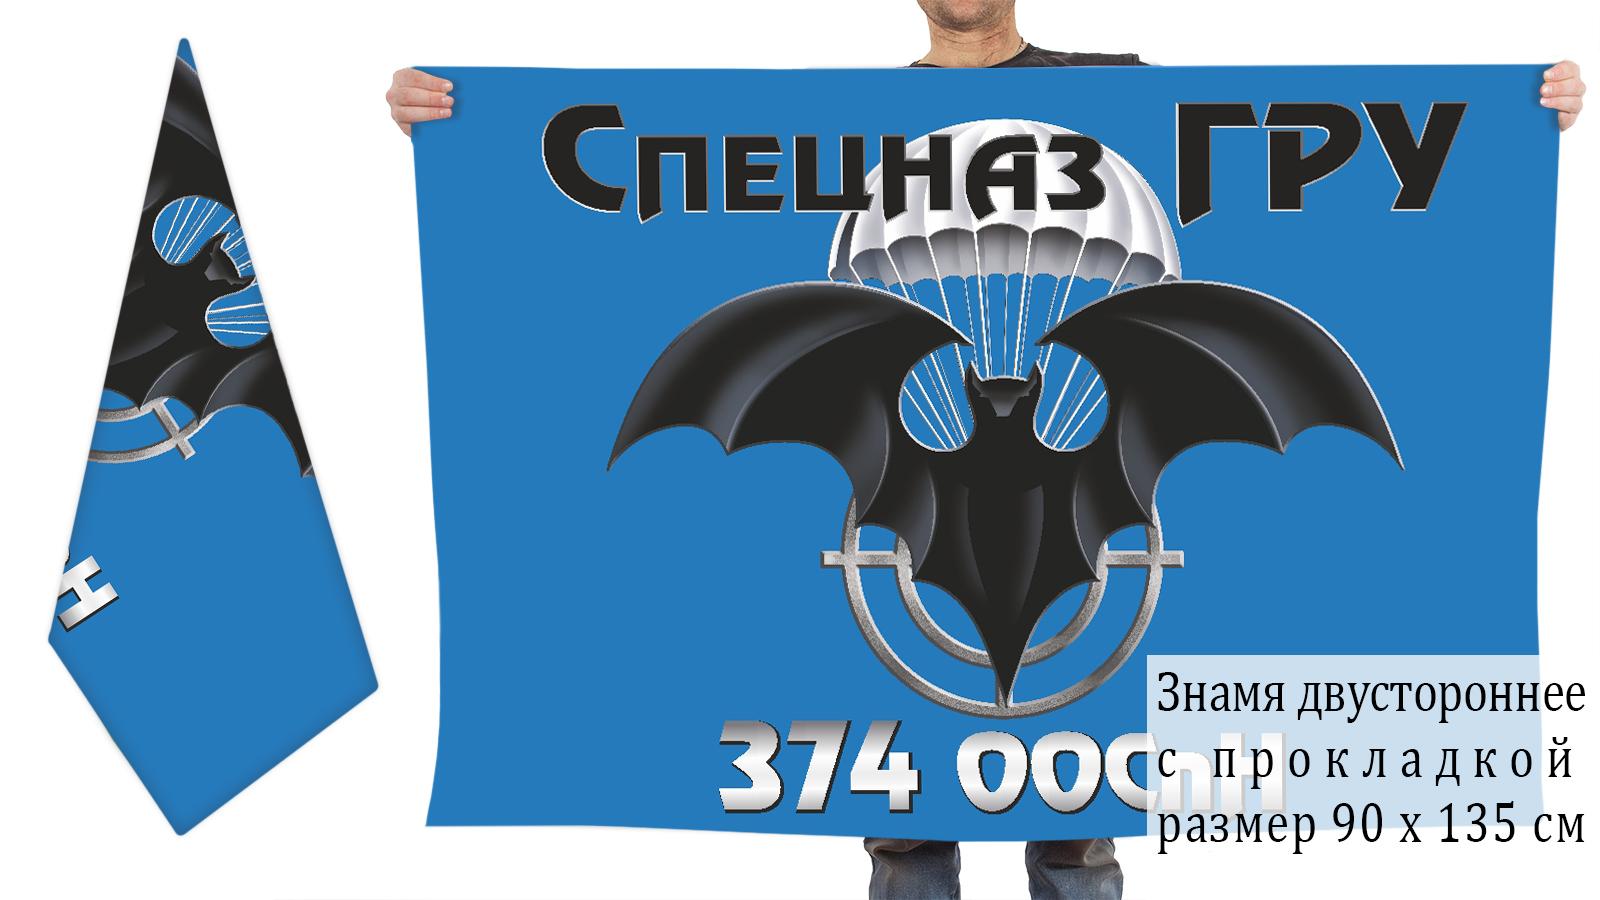 Двусторонний флаг 374 ООСпН военной разведки